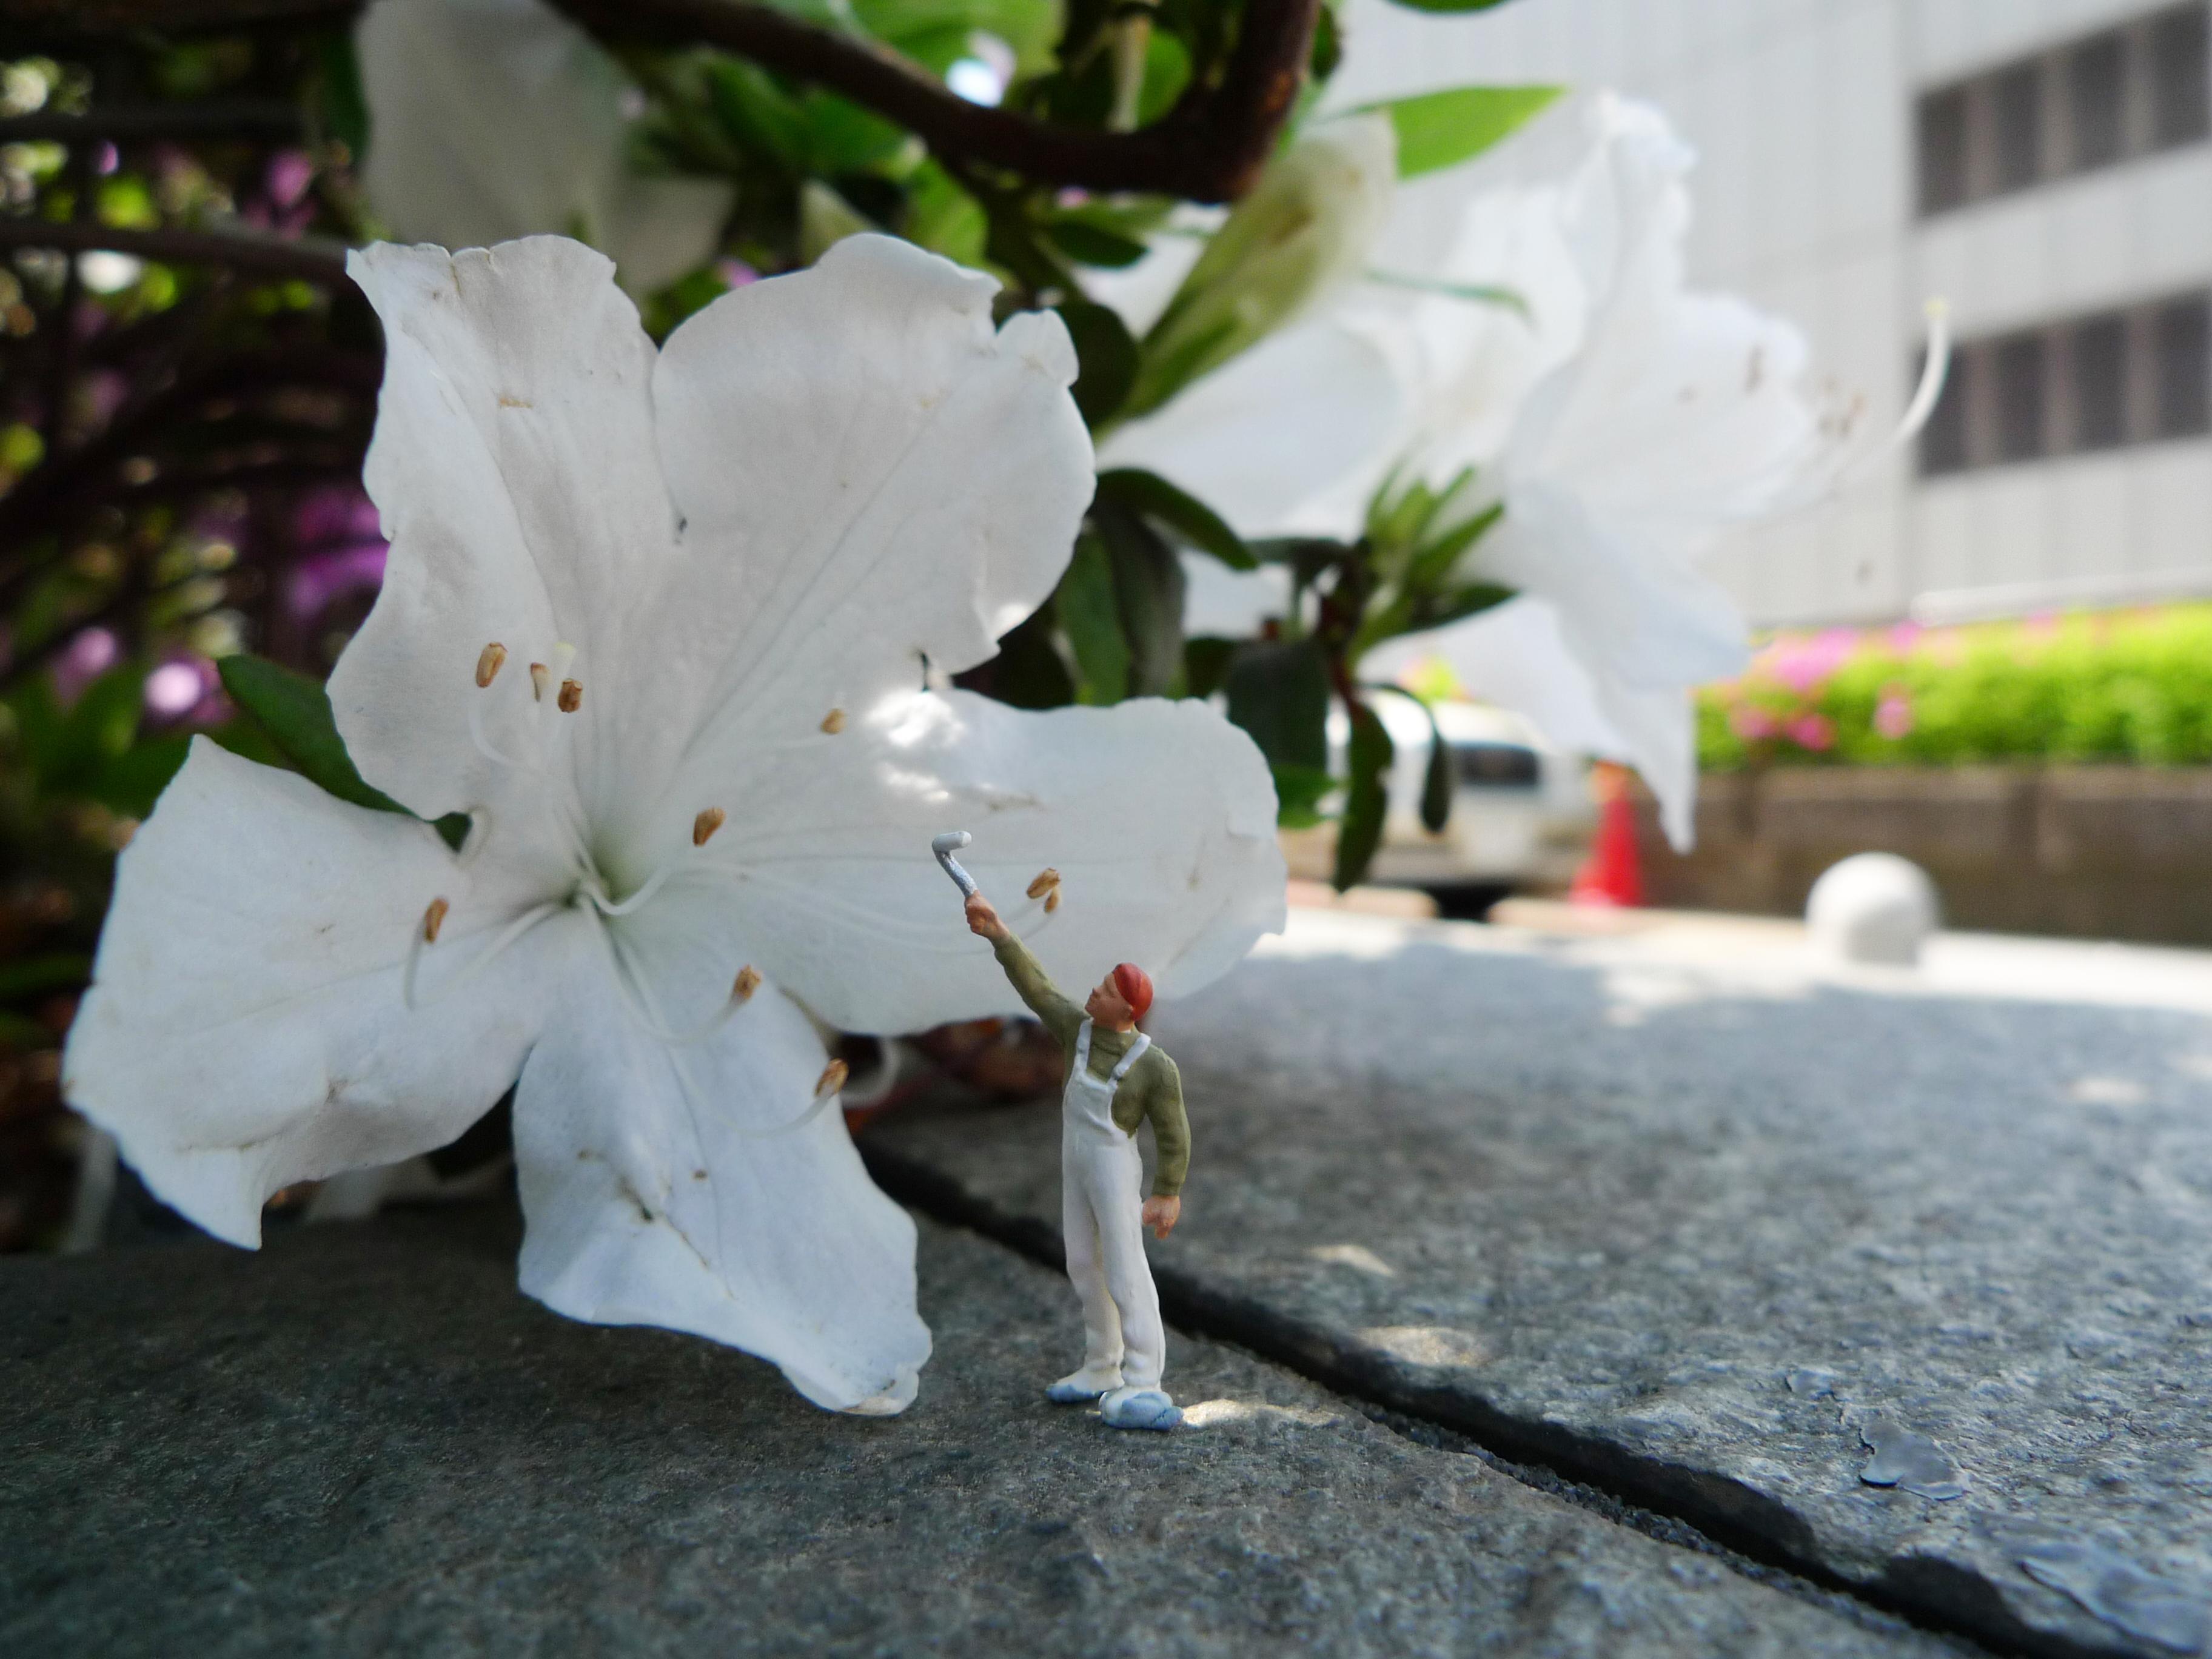 朱盈樺  即可拍, 2009 5.5 x 8.5 cm, 336張影像, 尺寸依場地而定